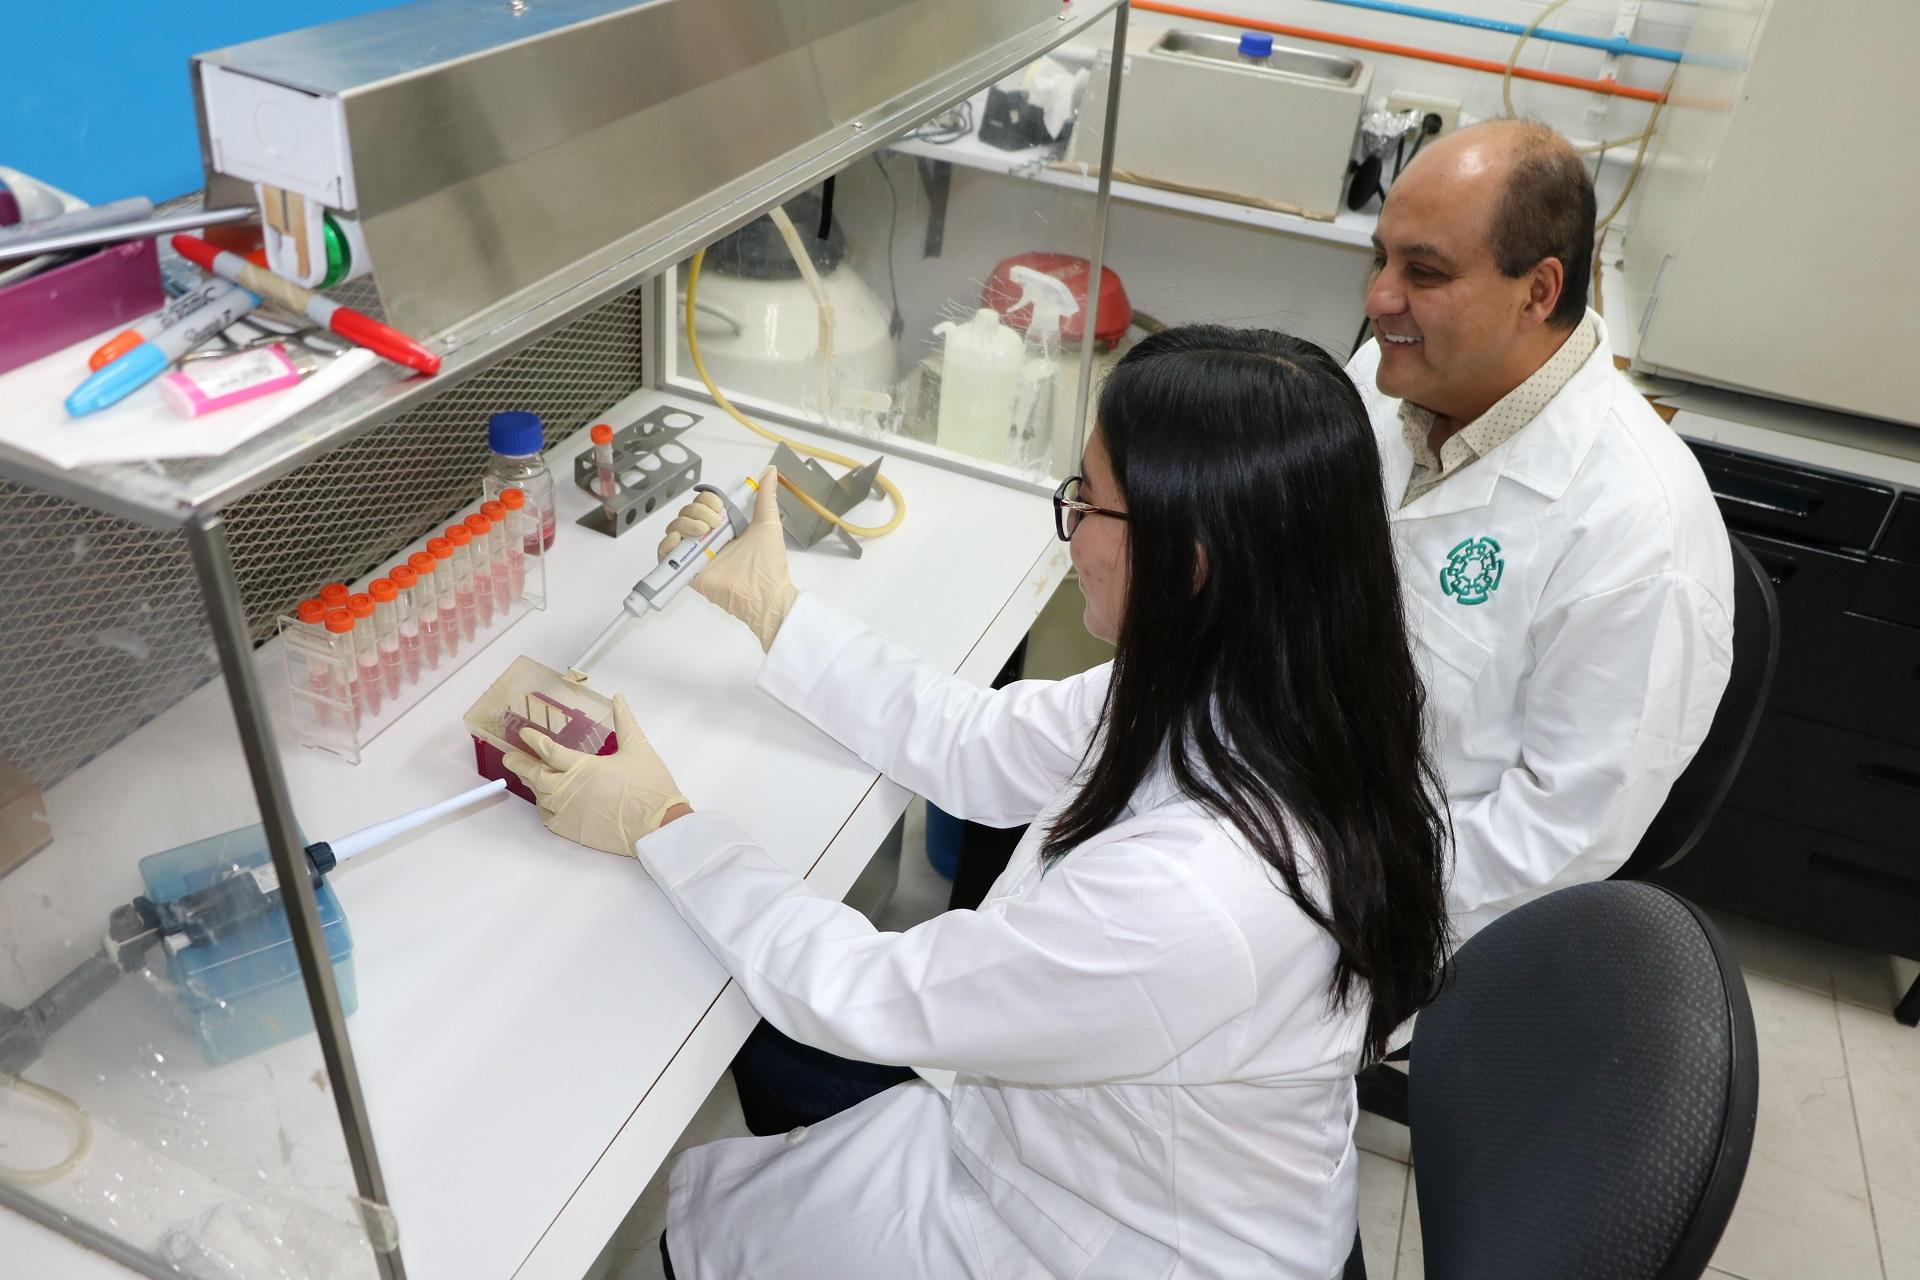 Dos investigadores en un laboratorio